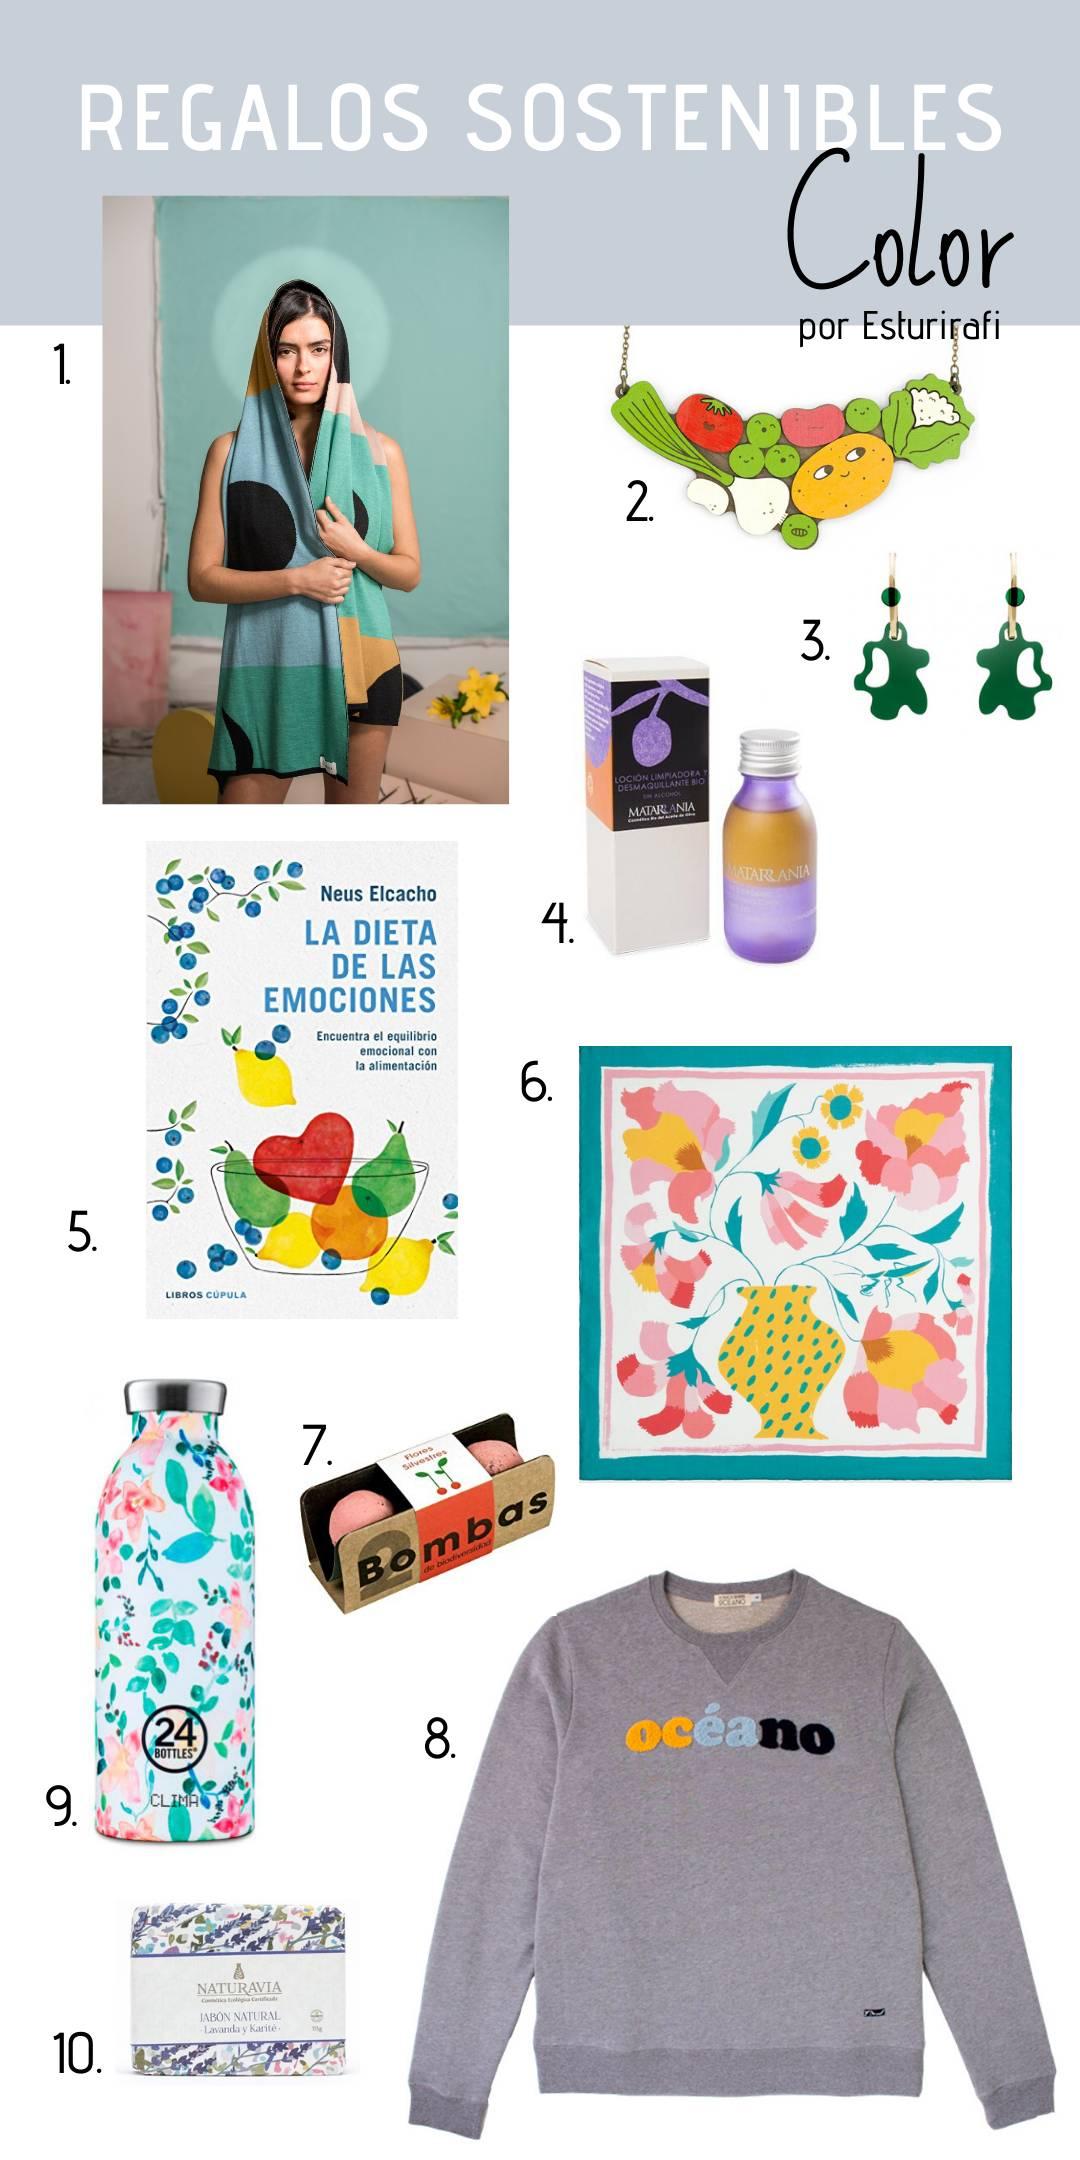 regalos sostenibles mujer navidad 2019 color